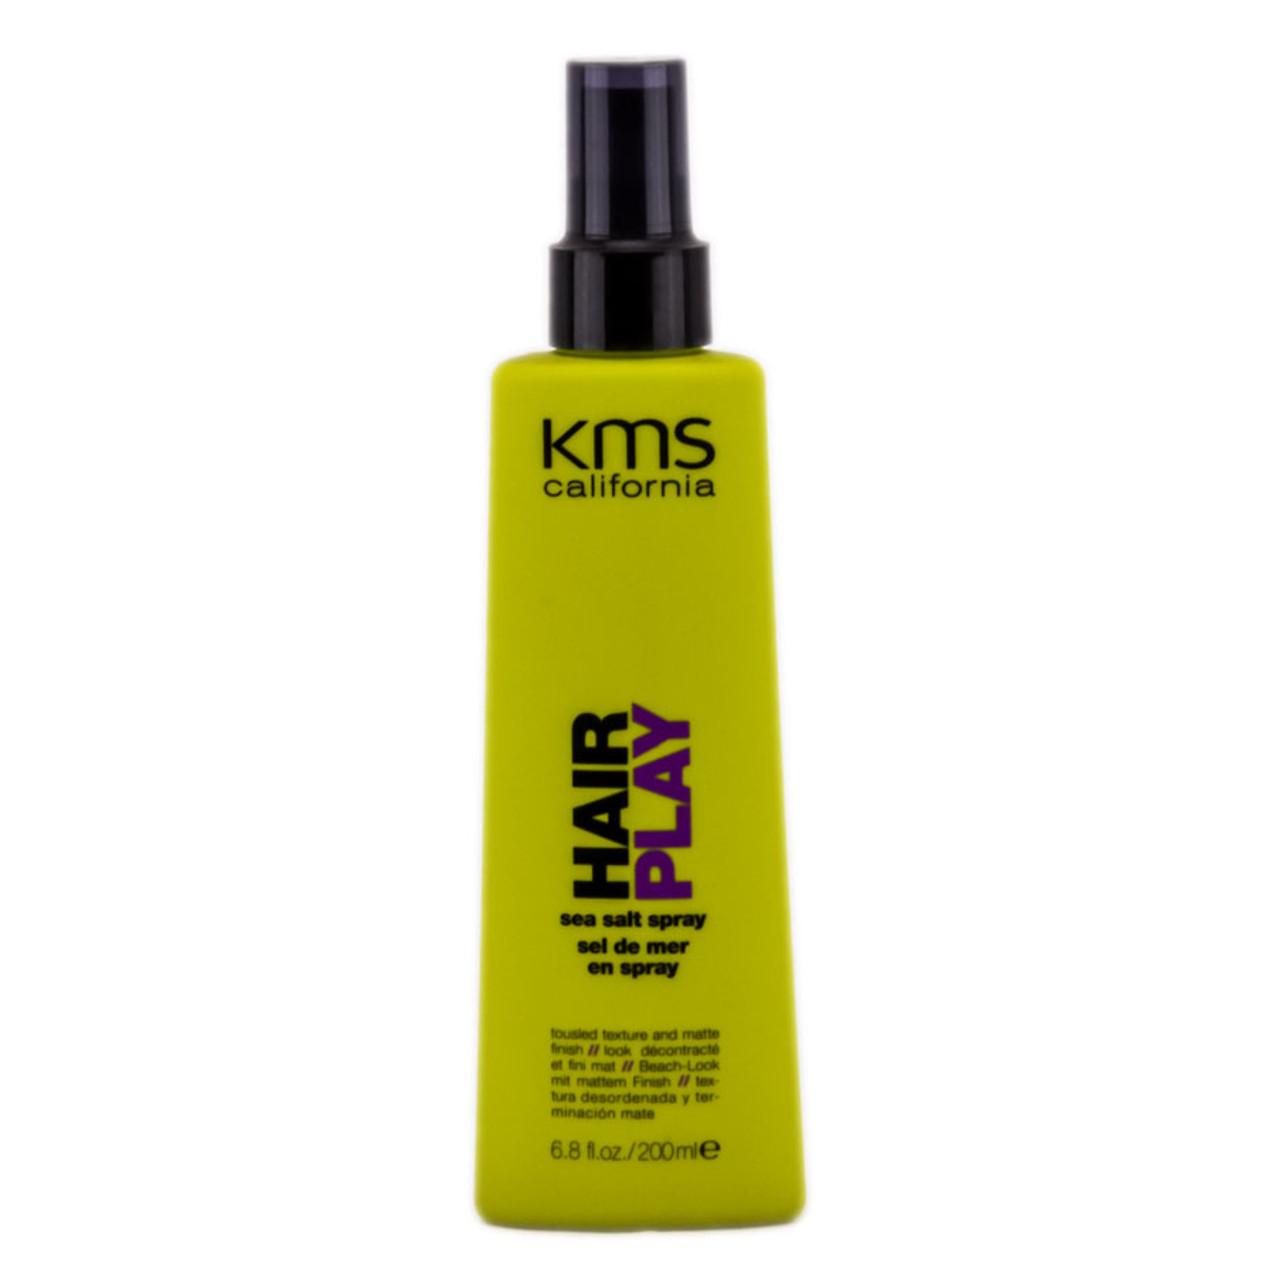 kms sea salt spray how to use